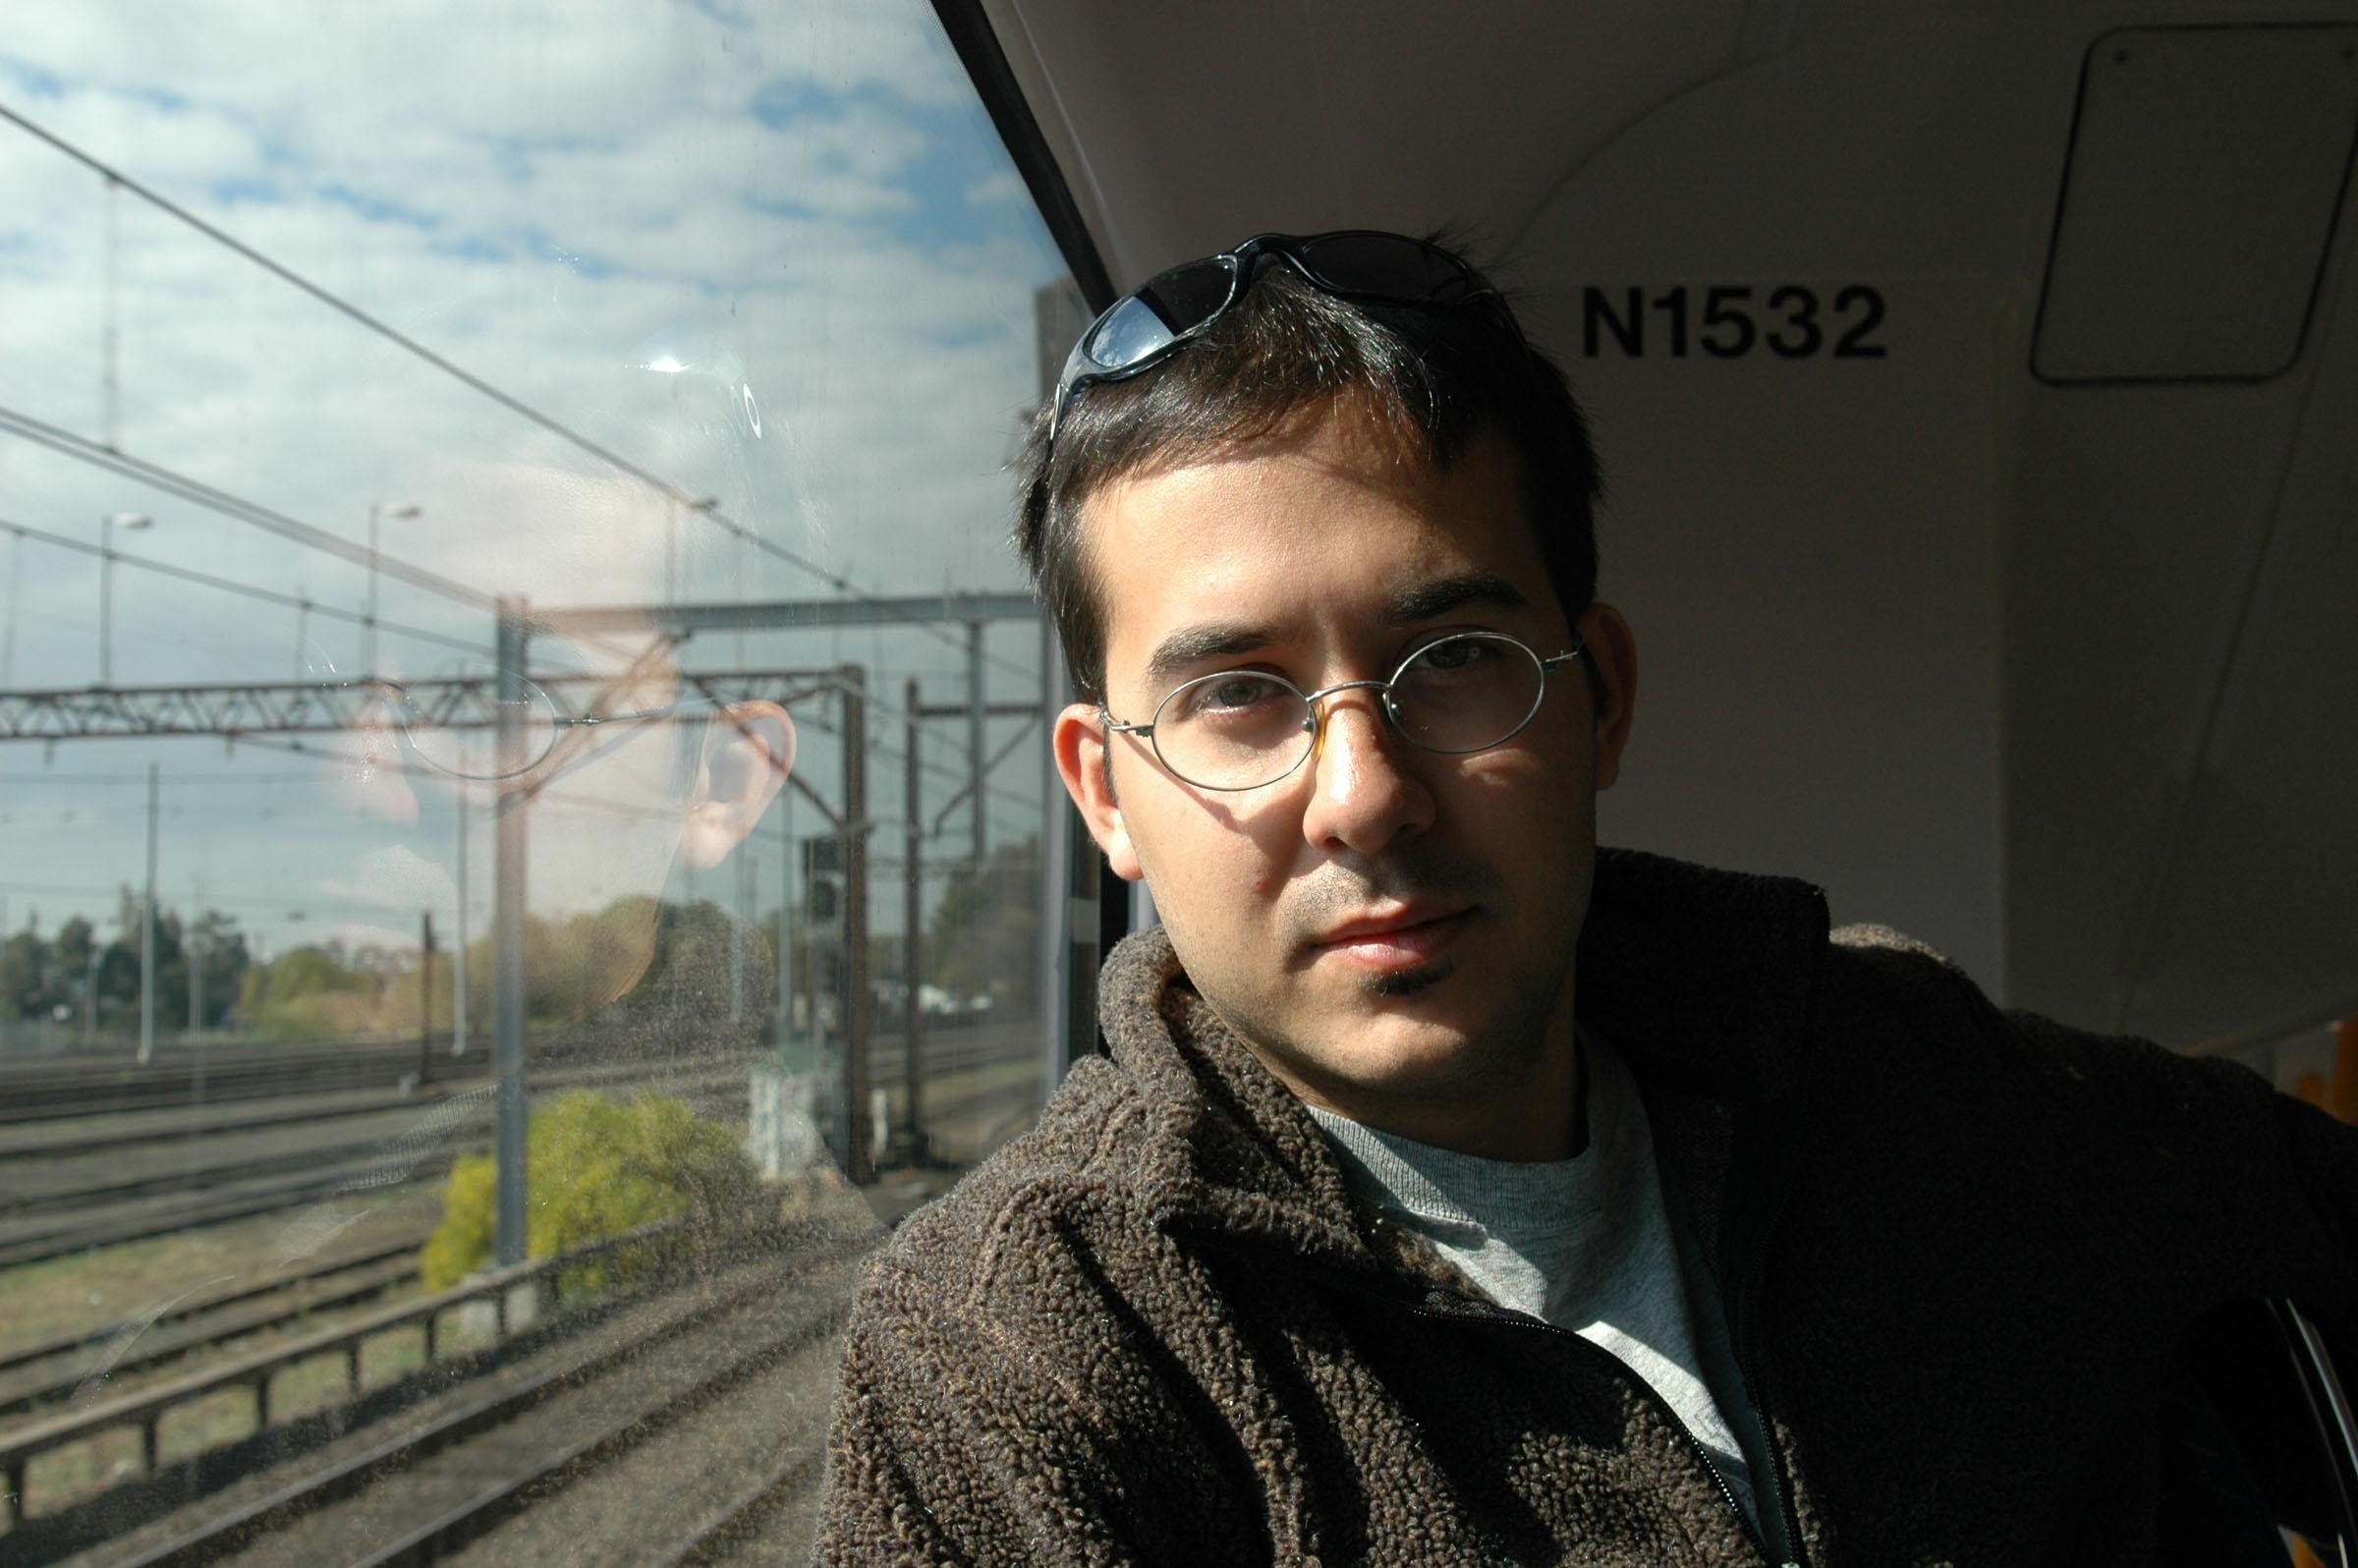 Francisco Bello